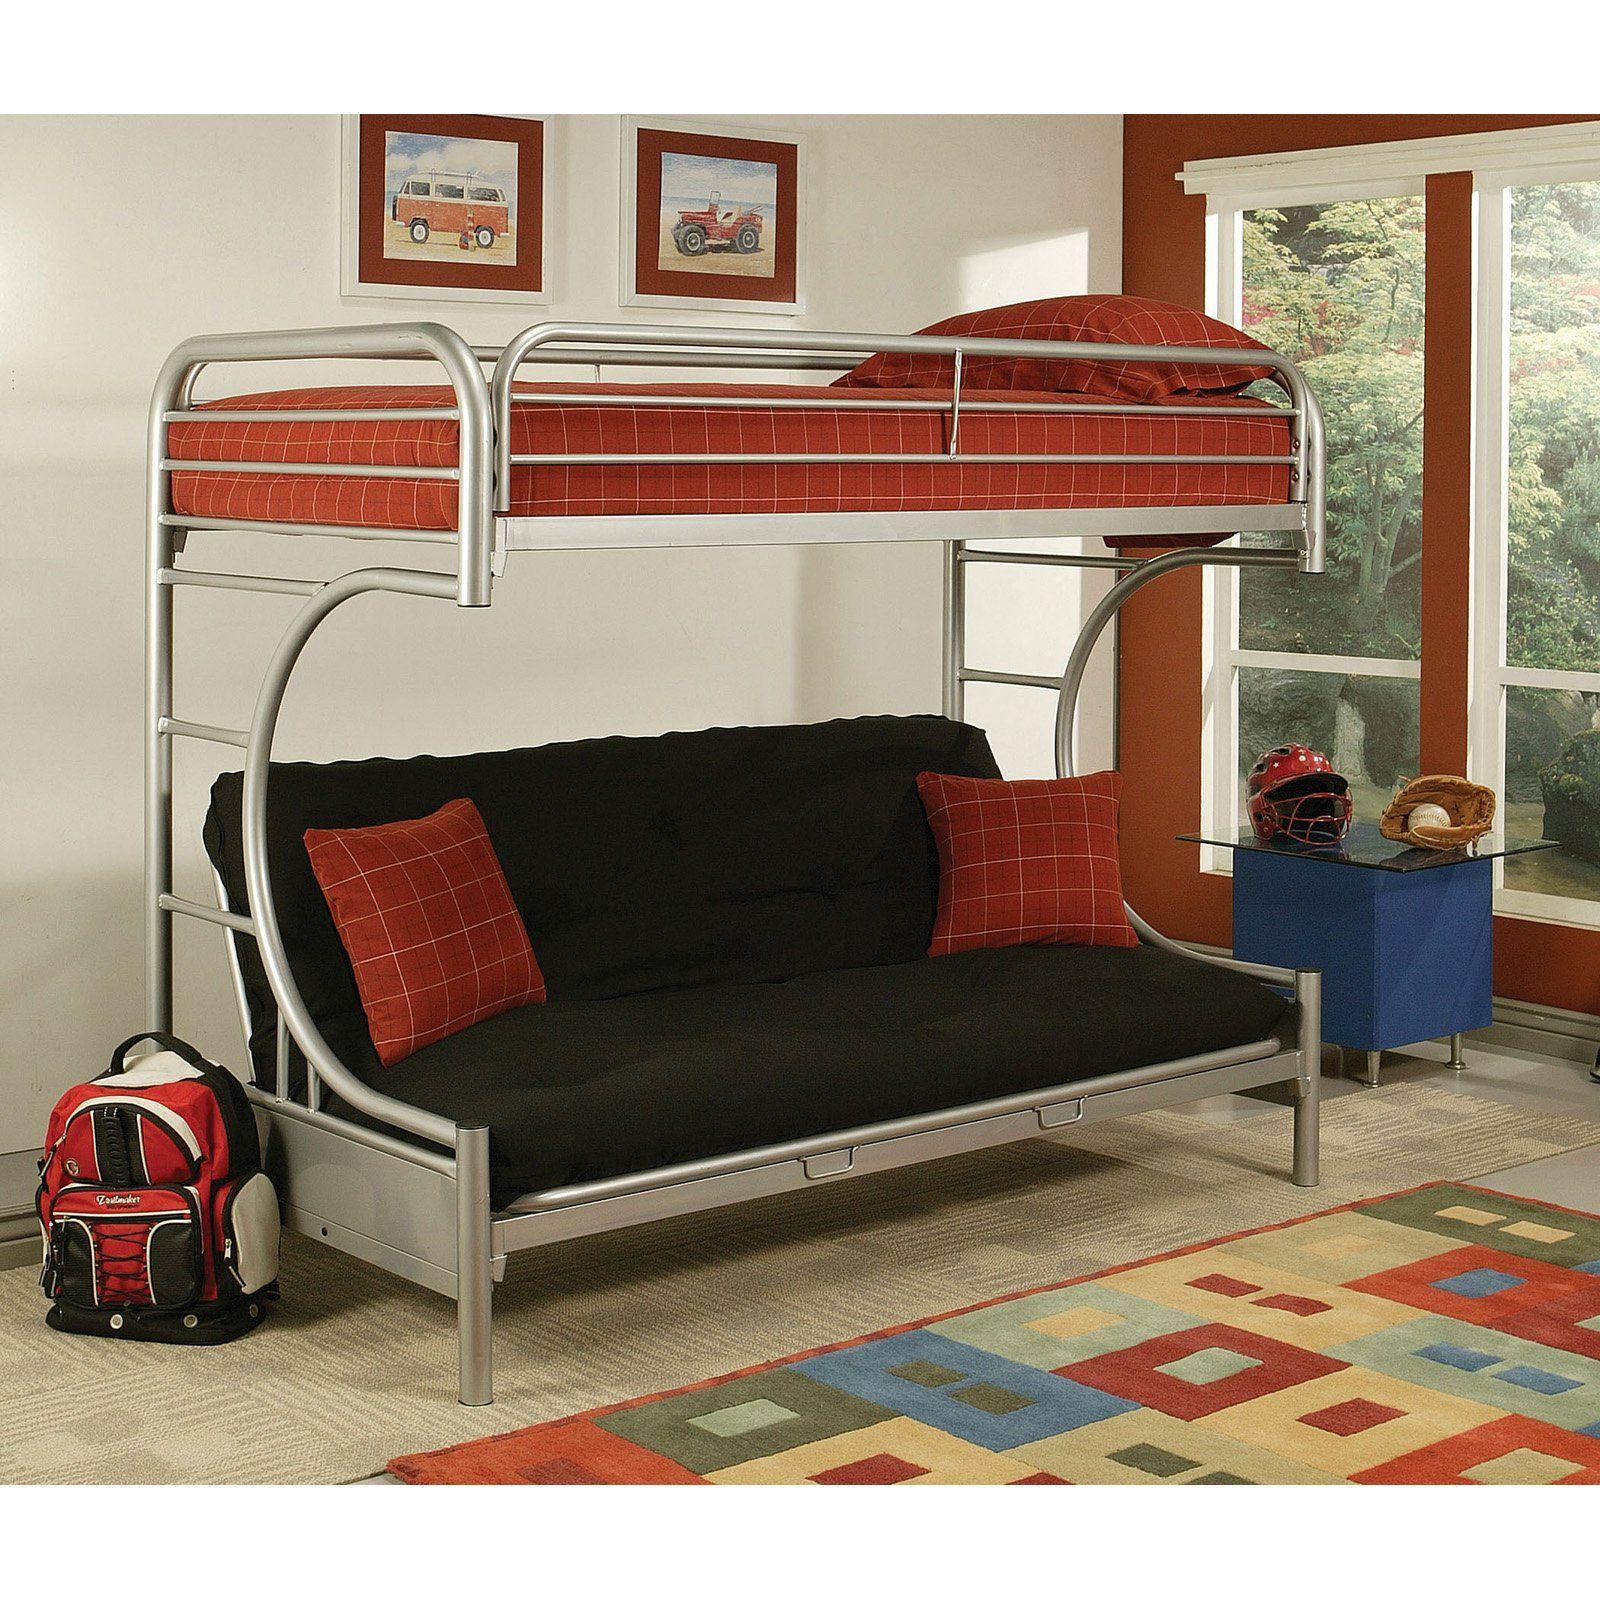 Home Futon bunk bed, Metal bunk beds, Bunk beds